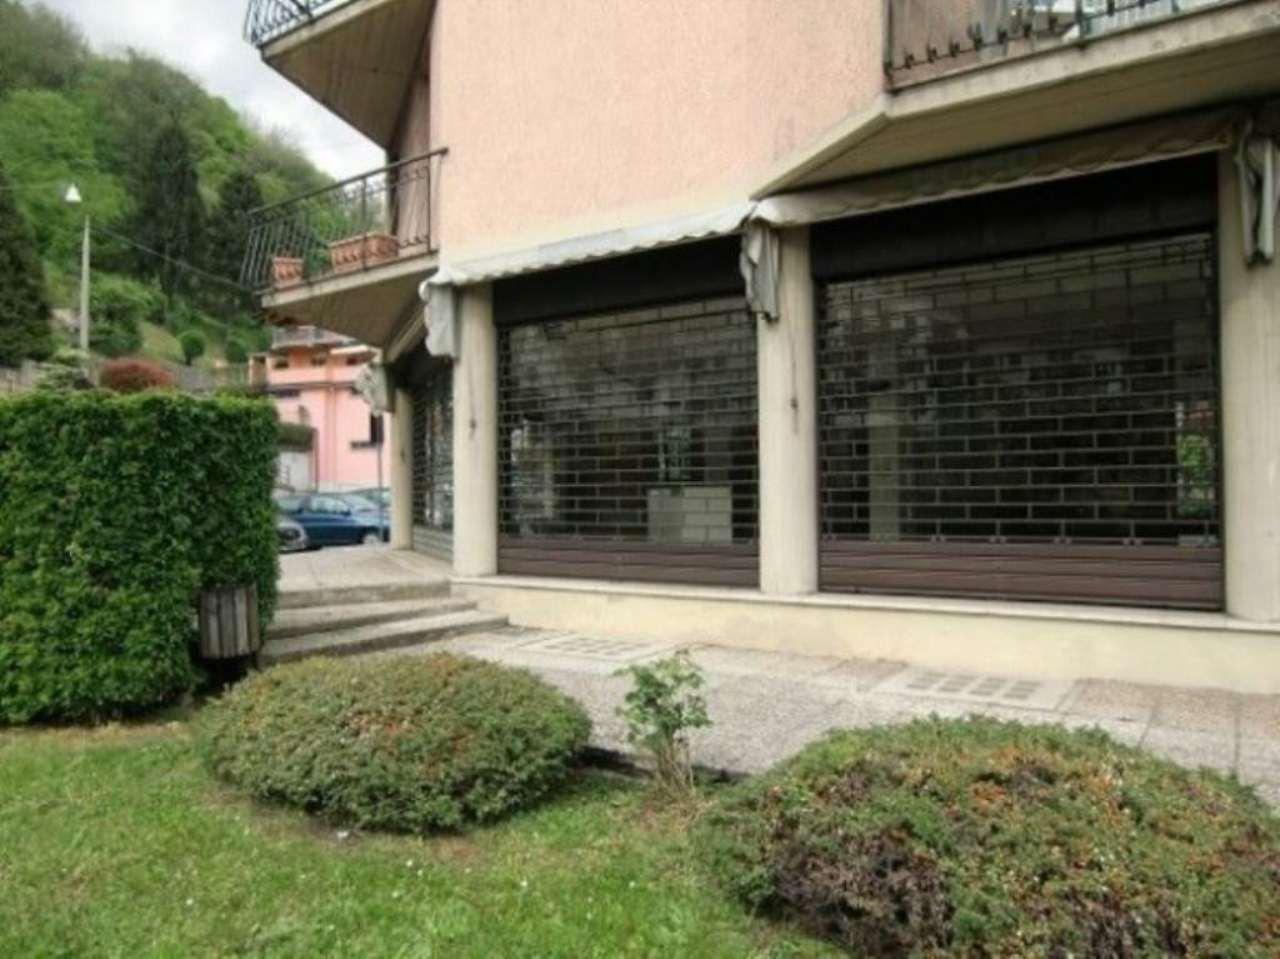 Negozio / Locale in affitto a Gardone Val Trompia, 2 locali, Trattative riservate | Cambio Casa.it